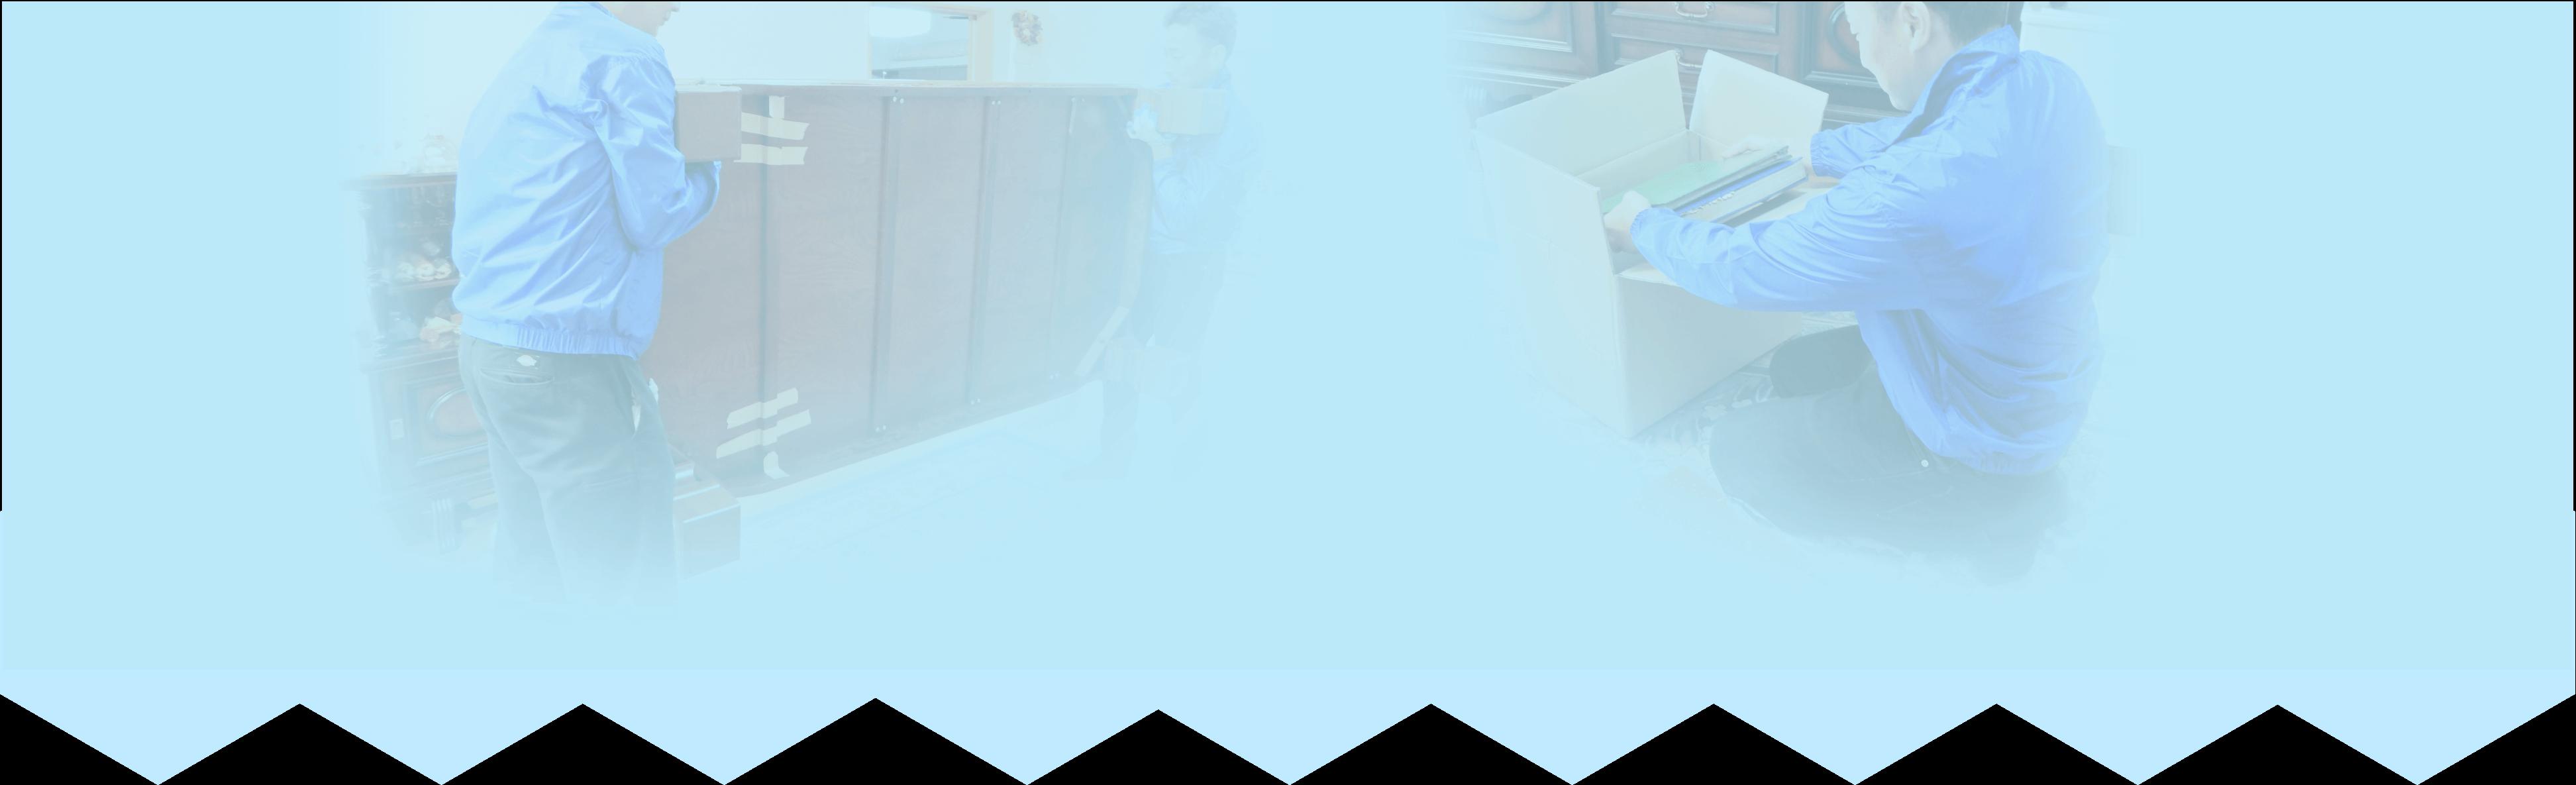 鑑定のプロであり、片付けのプロ。竜宮堂の遺品買取+遺品整理 近年需要が高まる遺品整理や生前整理・空き家などのお片づけ。遺品整理士の資格を持つ当社なら買取もワンストップでお得に完了できます。